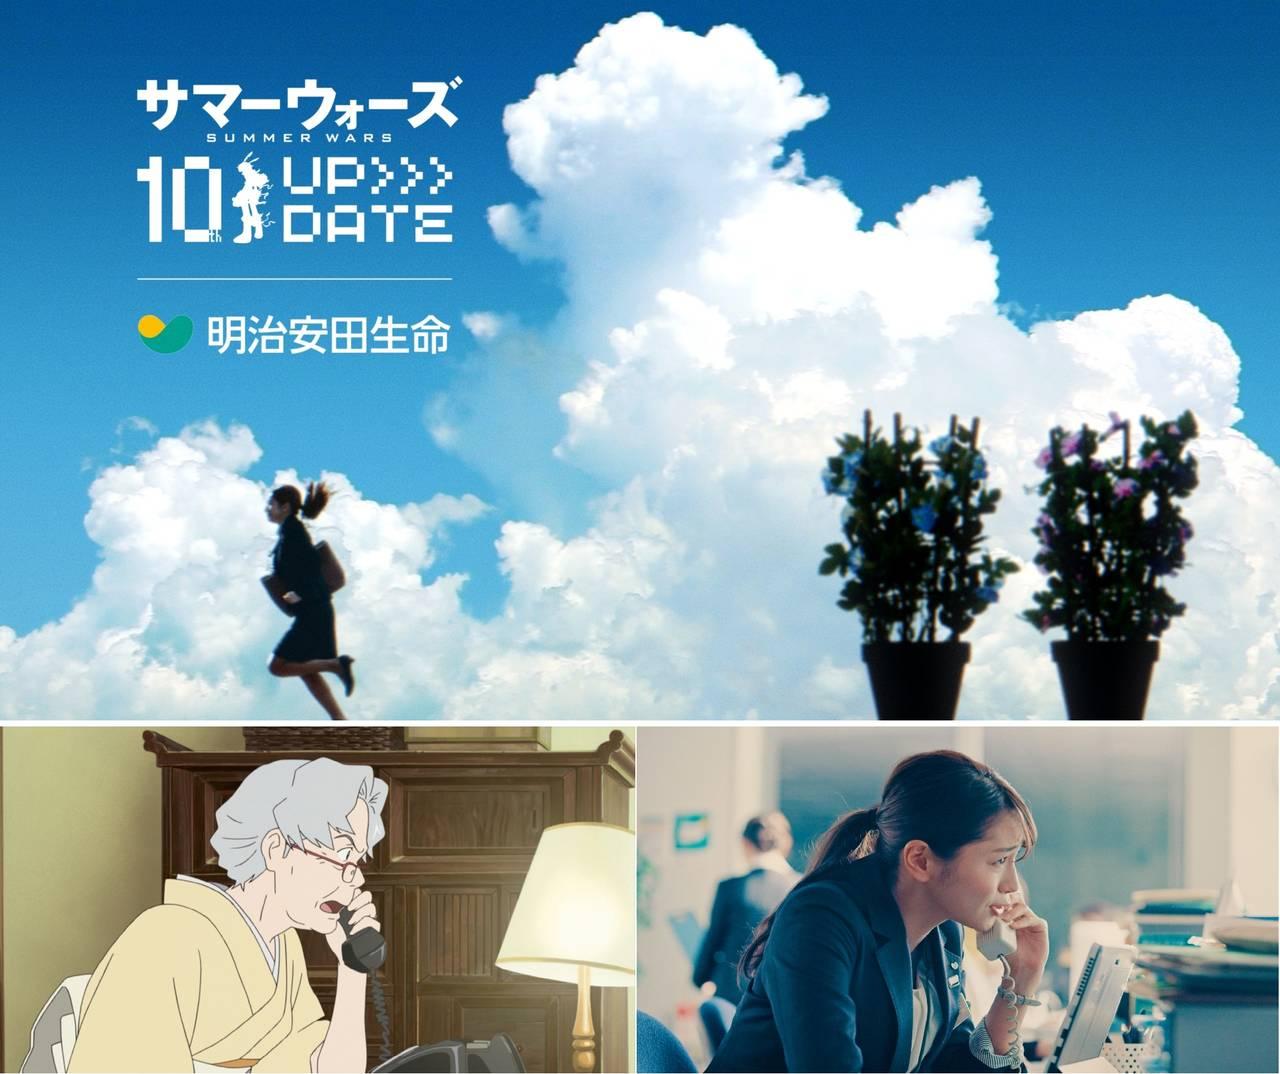 『サマーウォーズ』公開10周年! 明治安田生命とのコラボCMが解禁に♪